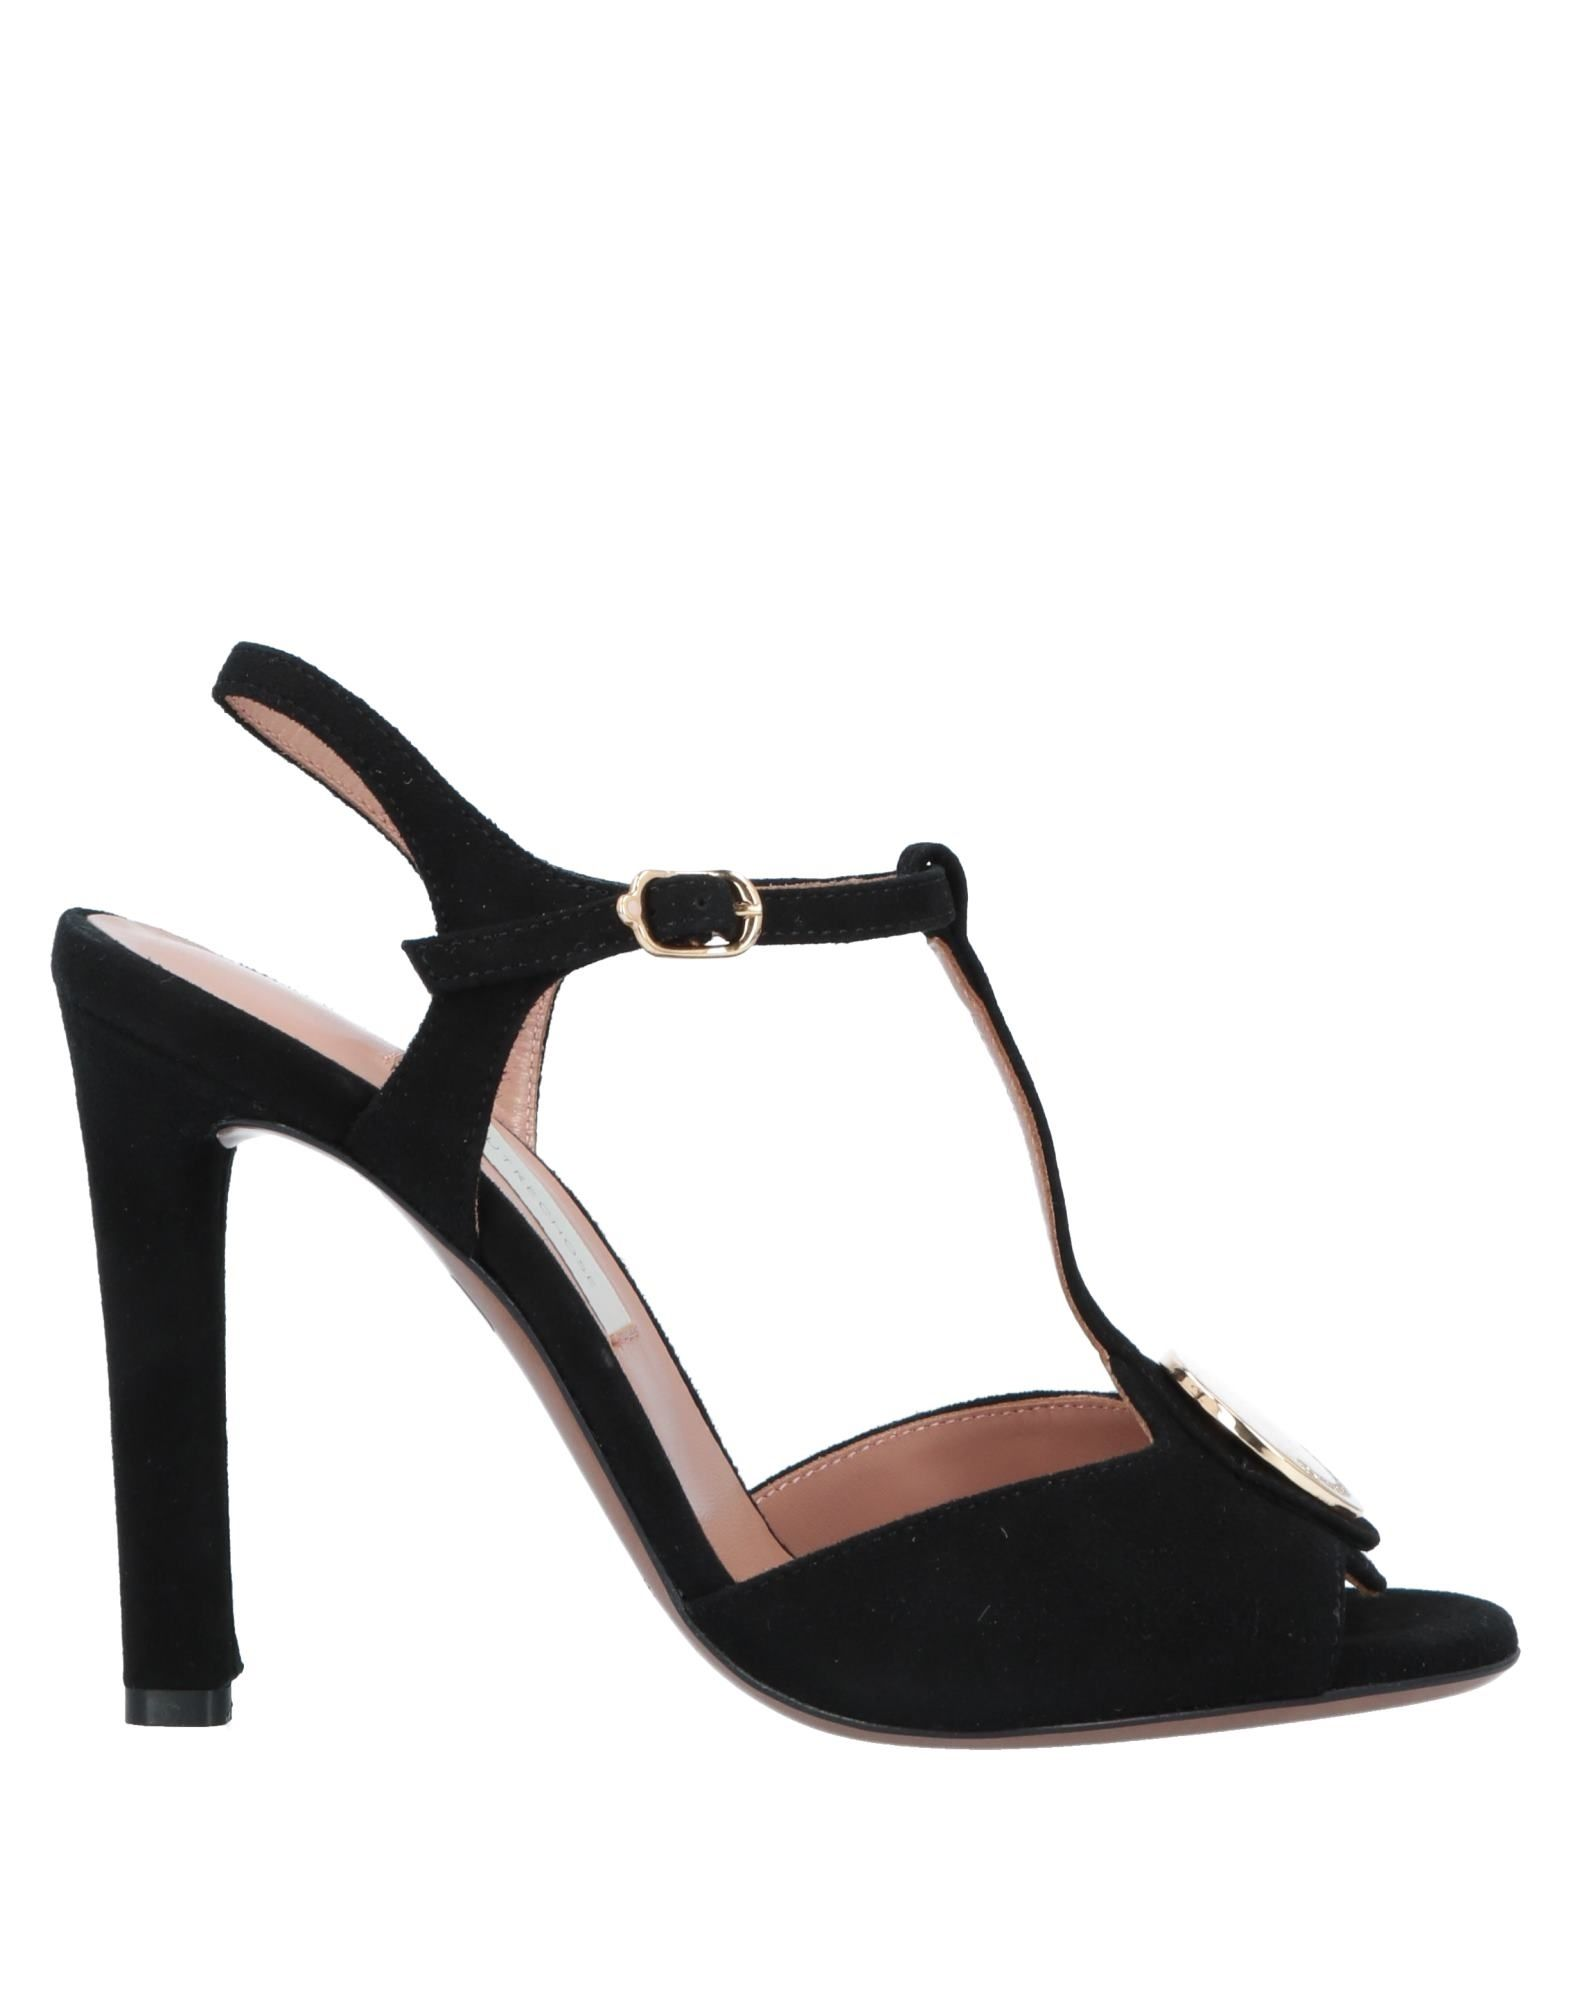 Sandales L' Autre Chose Femme - Sandales L' Autre Chose   - 11622617PC